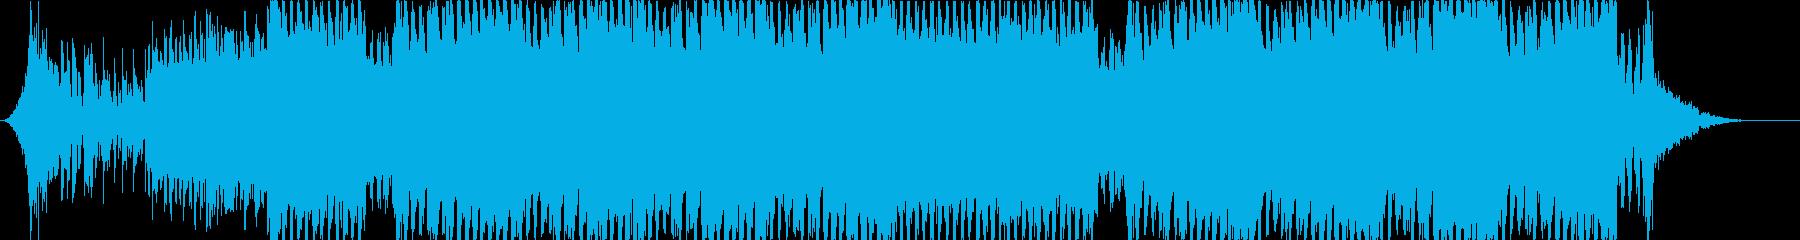 凶悪な重低音 容赦ないダークなEDMの再生済みの波形